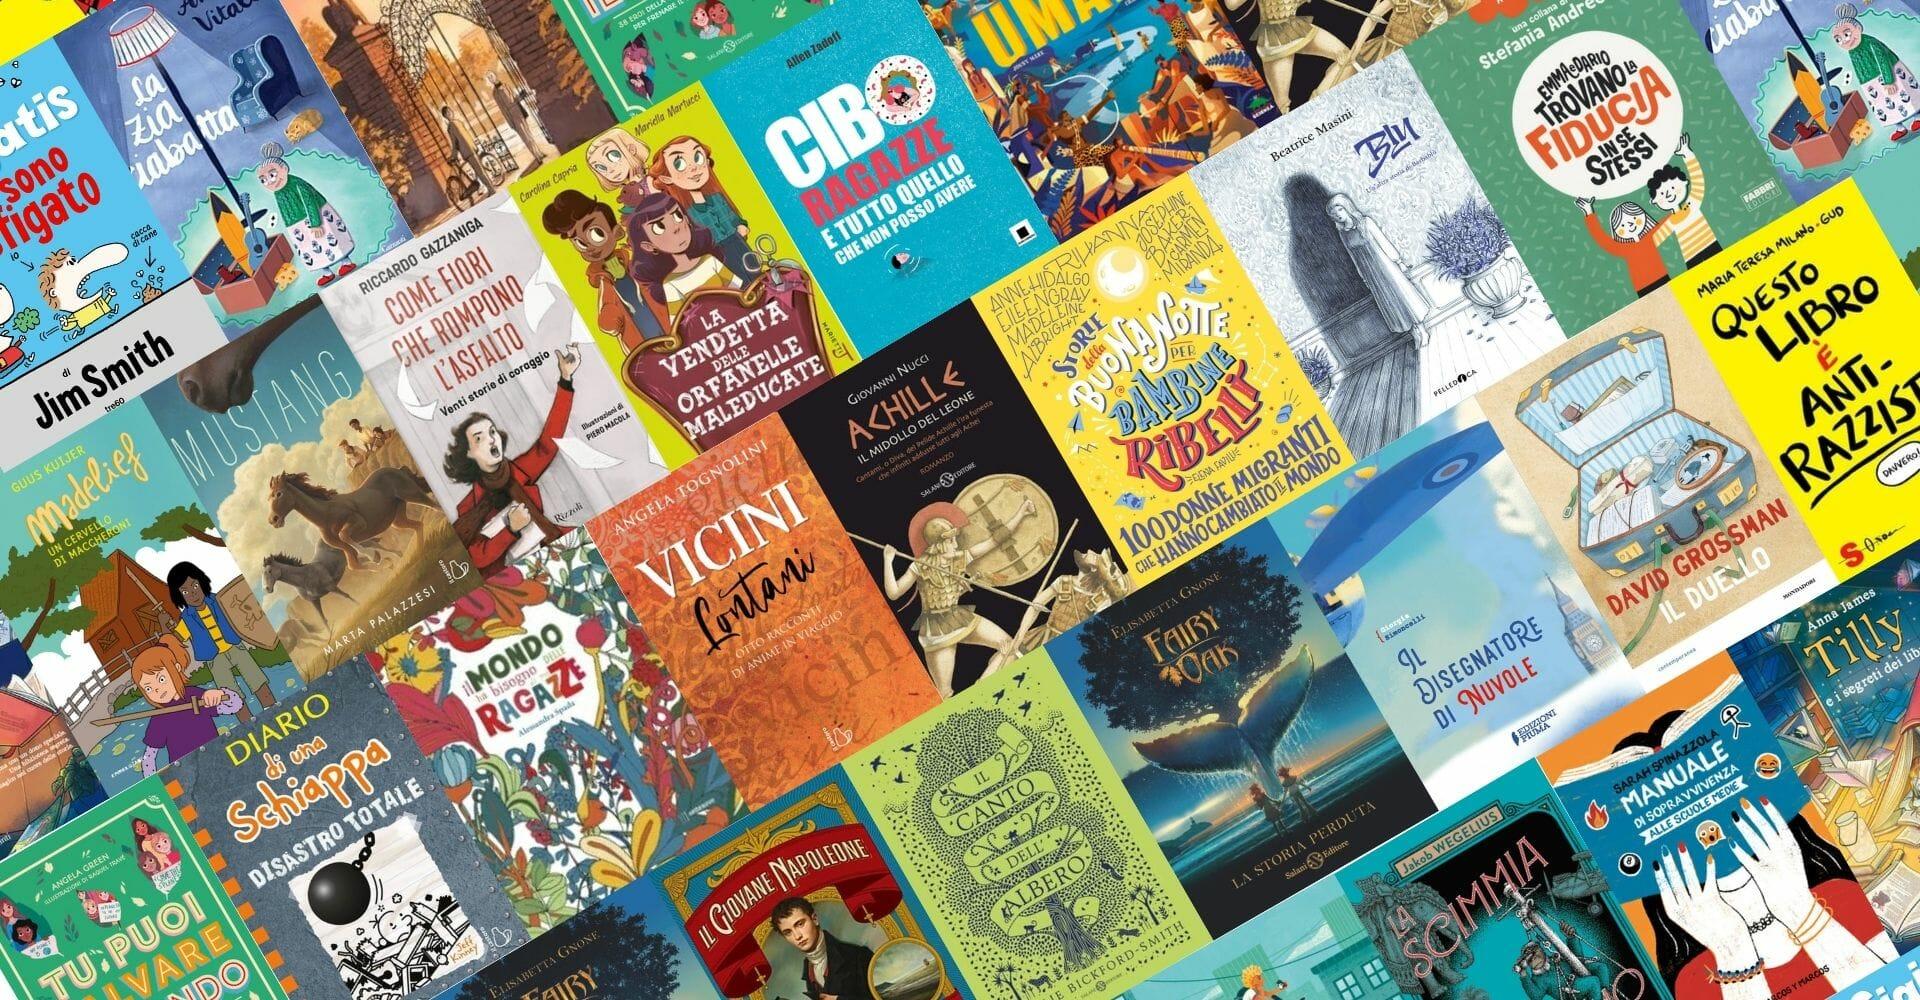 Libri per ragazzi da leggere nel 2020: tanti consigli